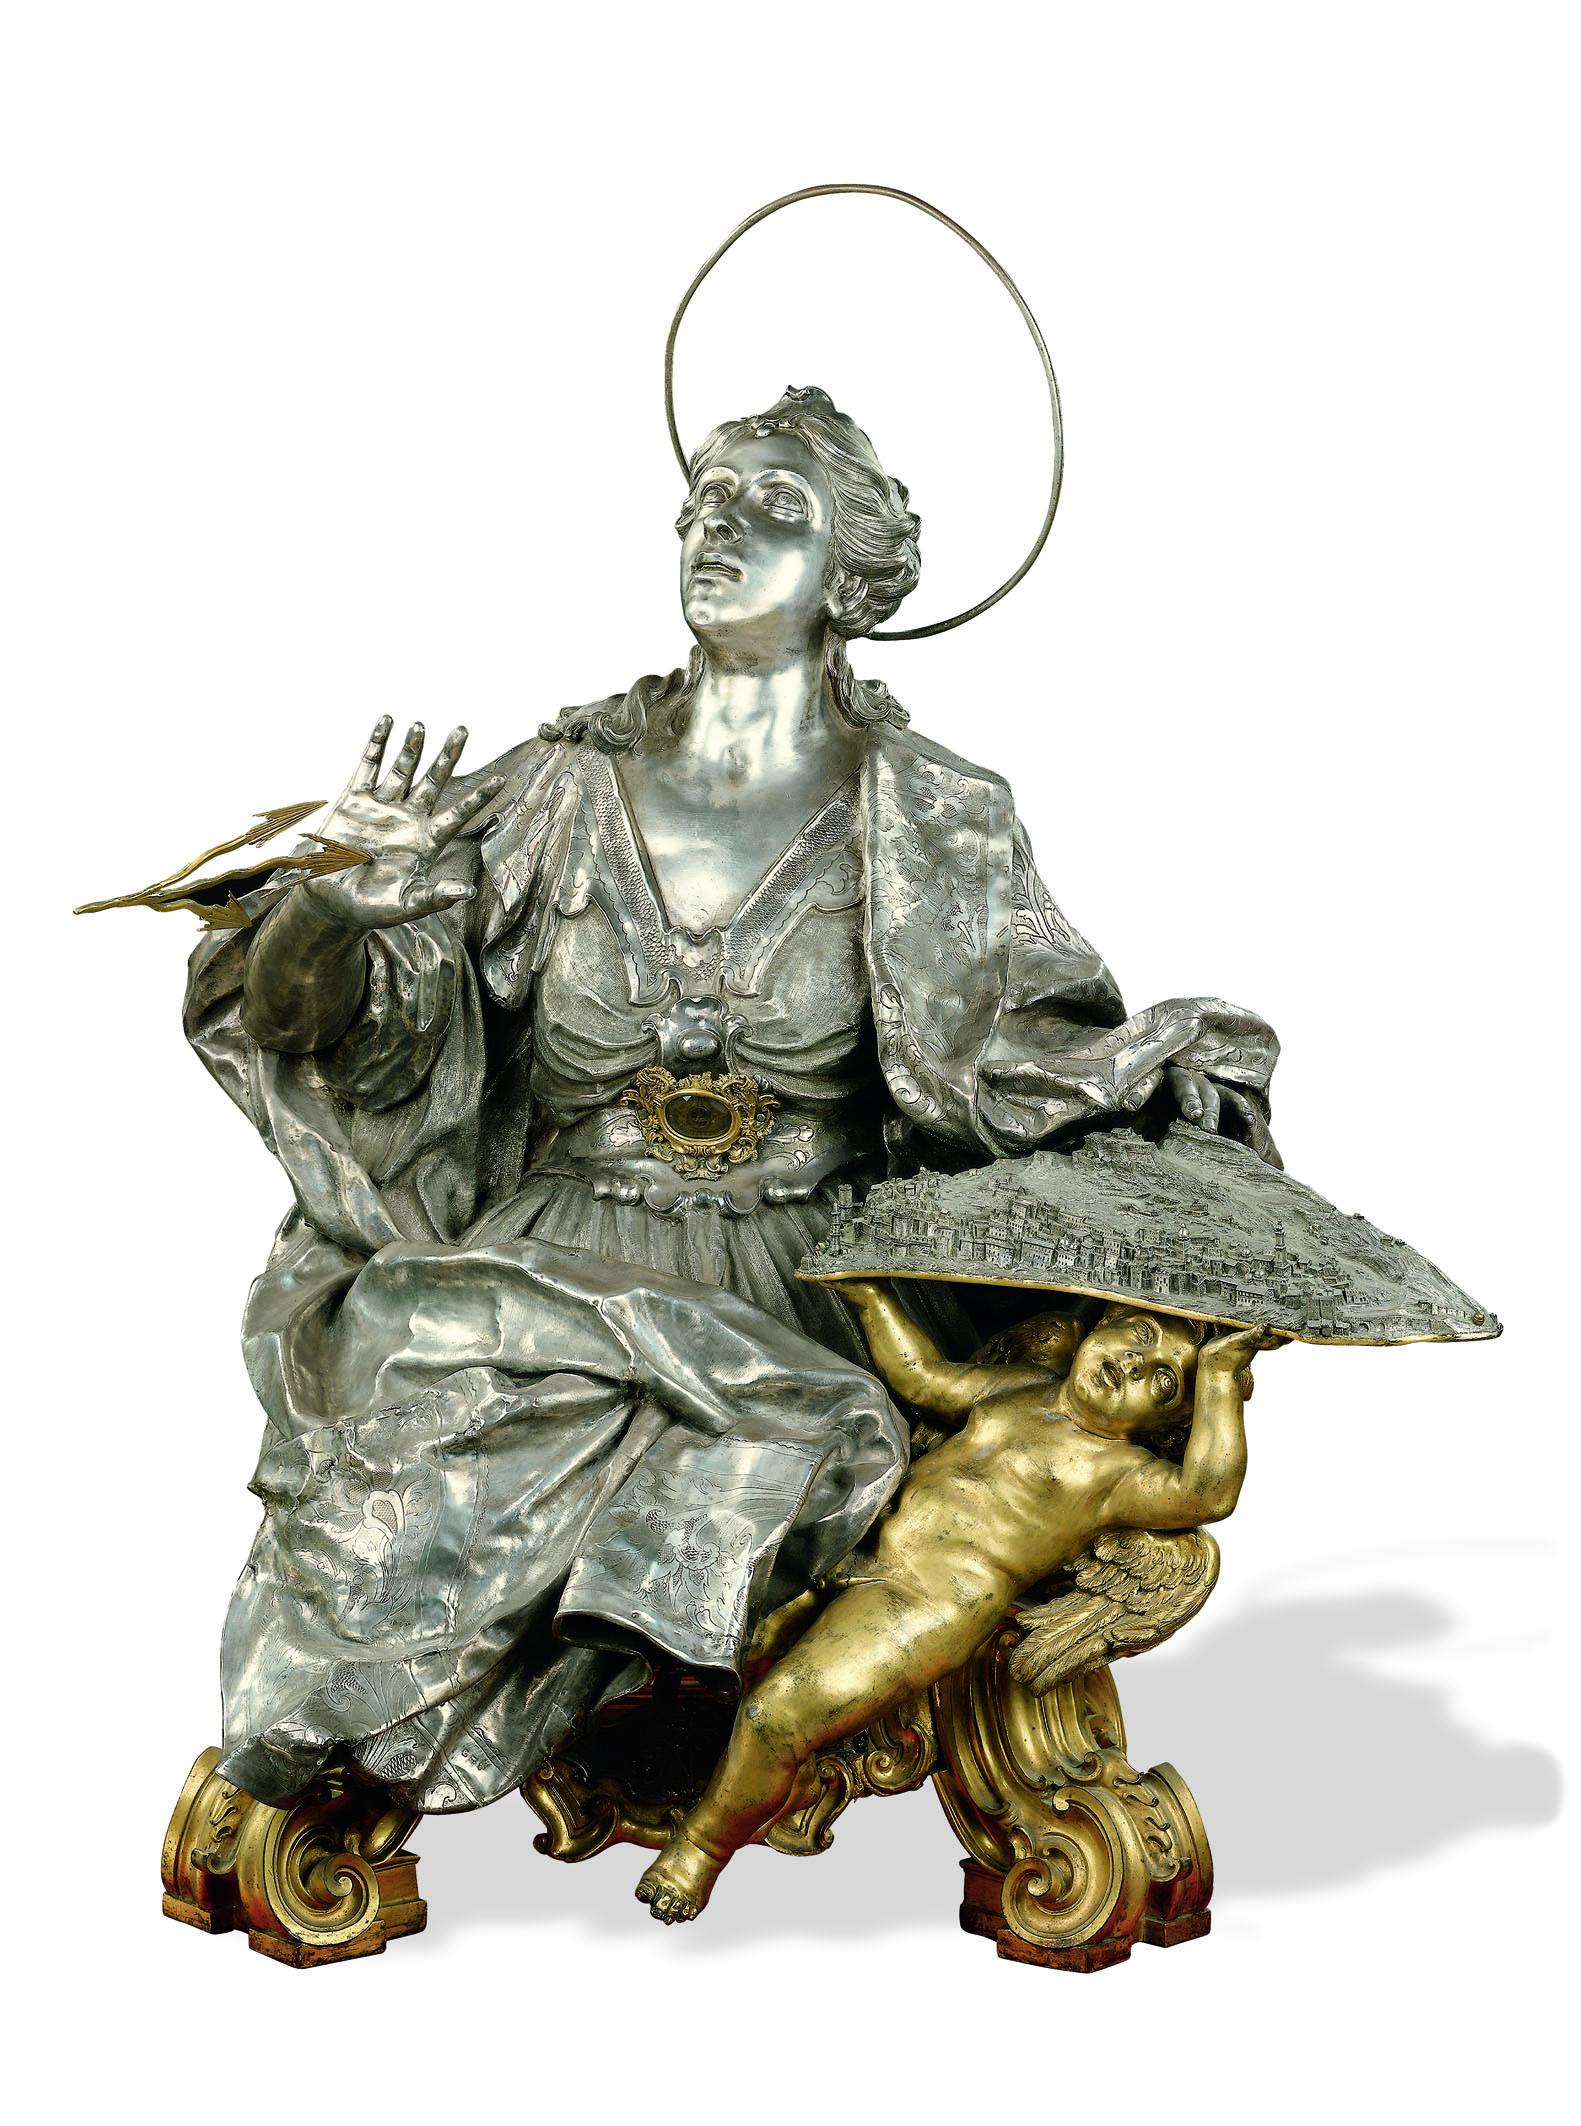 Carlo-Schisano-SantIrene-1733-argento-fuso-e-cesellato-rame-dorato